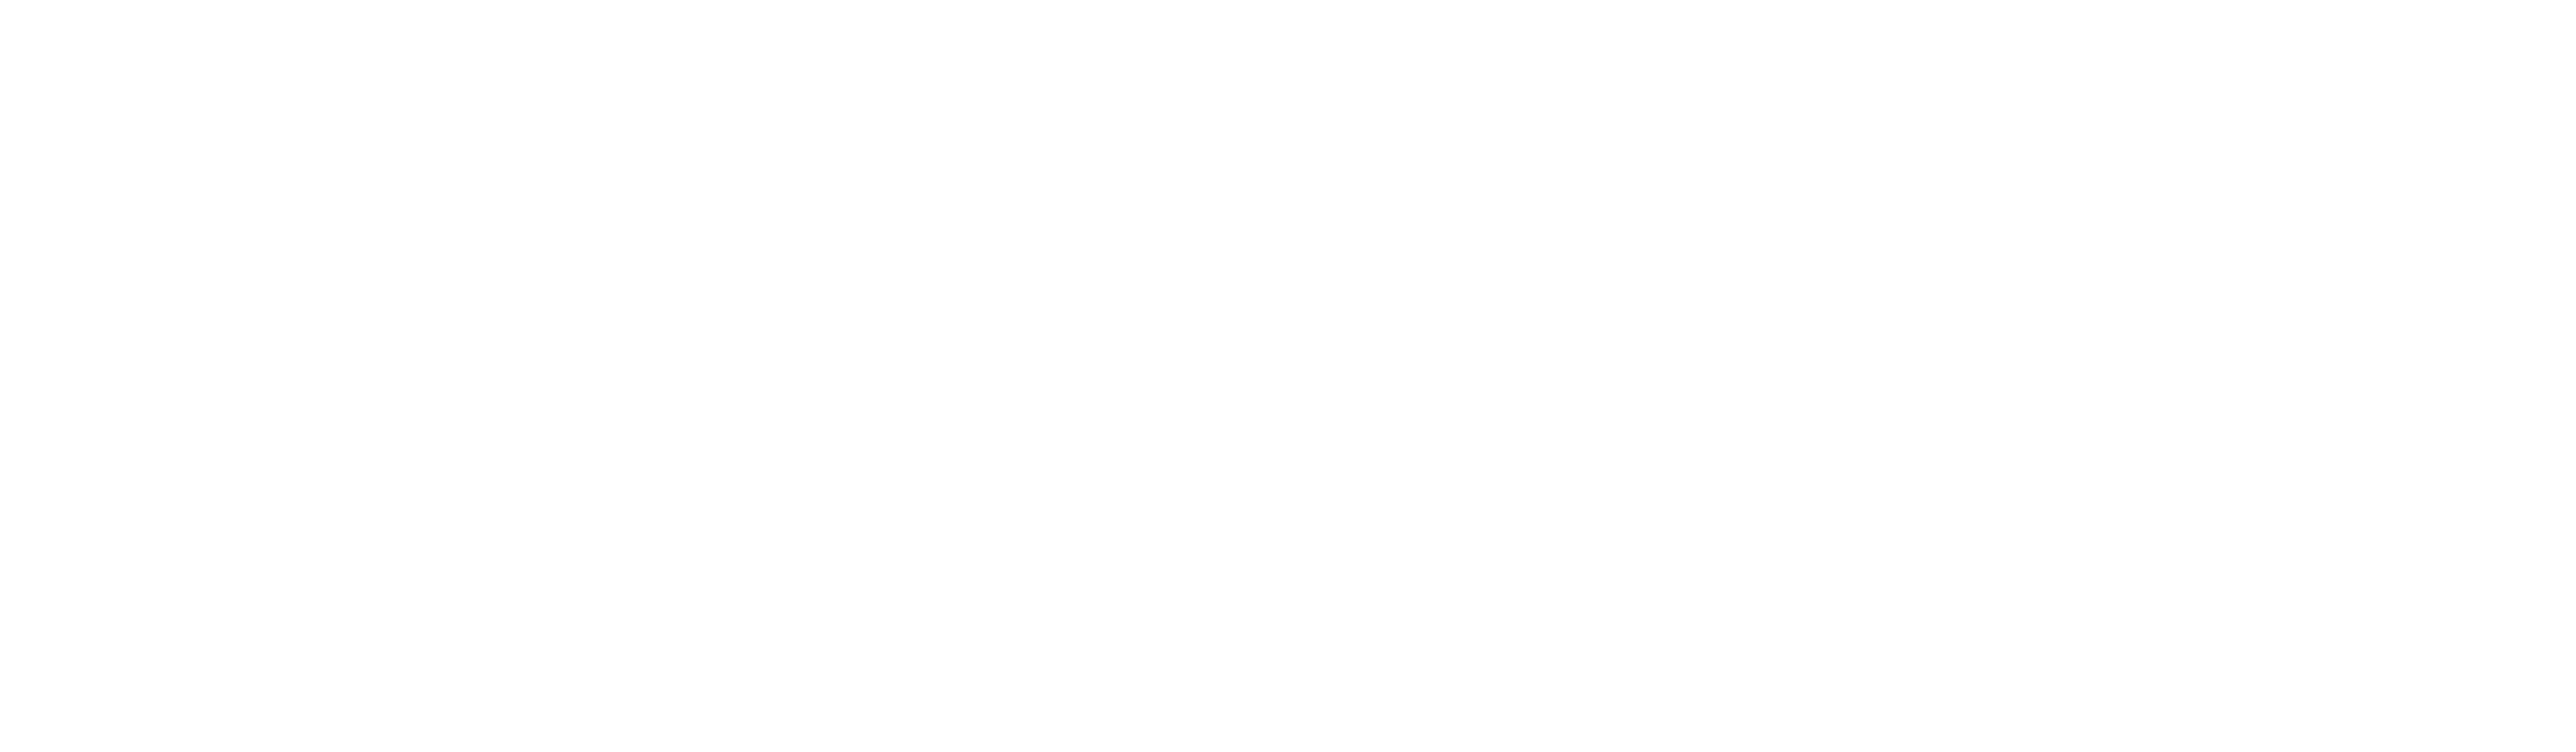 Griz.